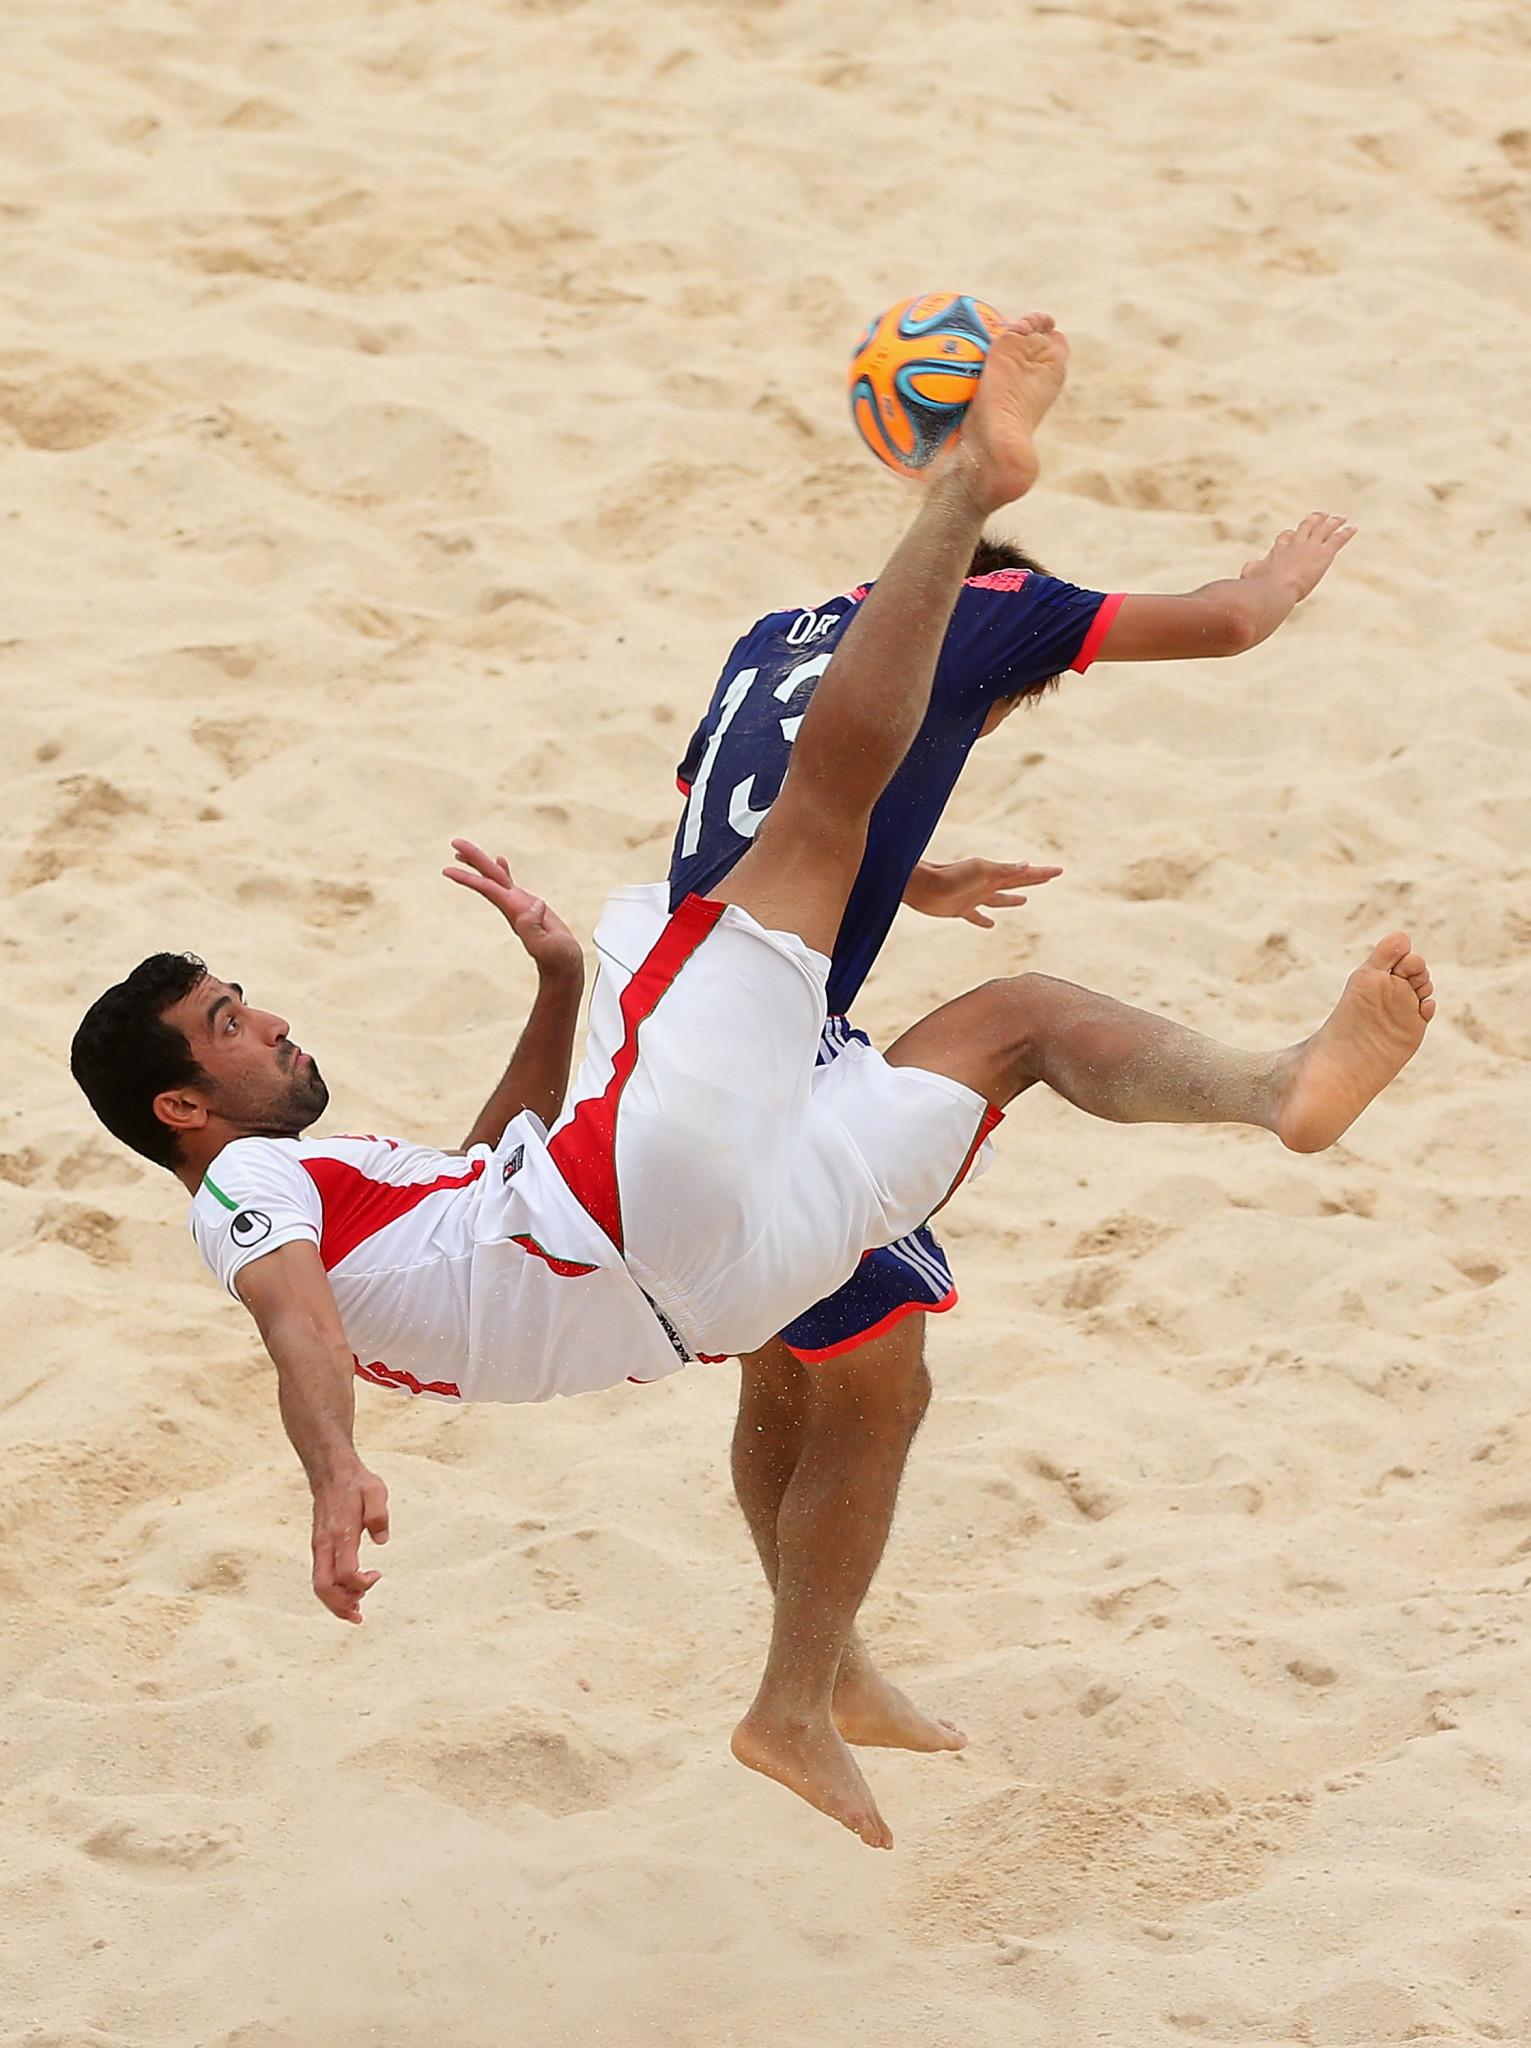 Iran names men's beach soccer team for 2019 ANOC World Beach Games